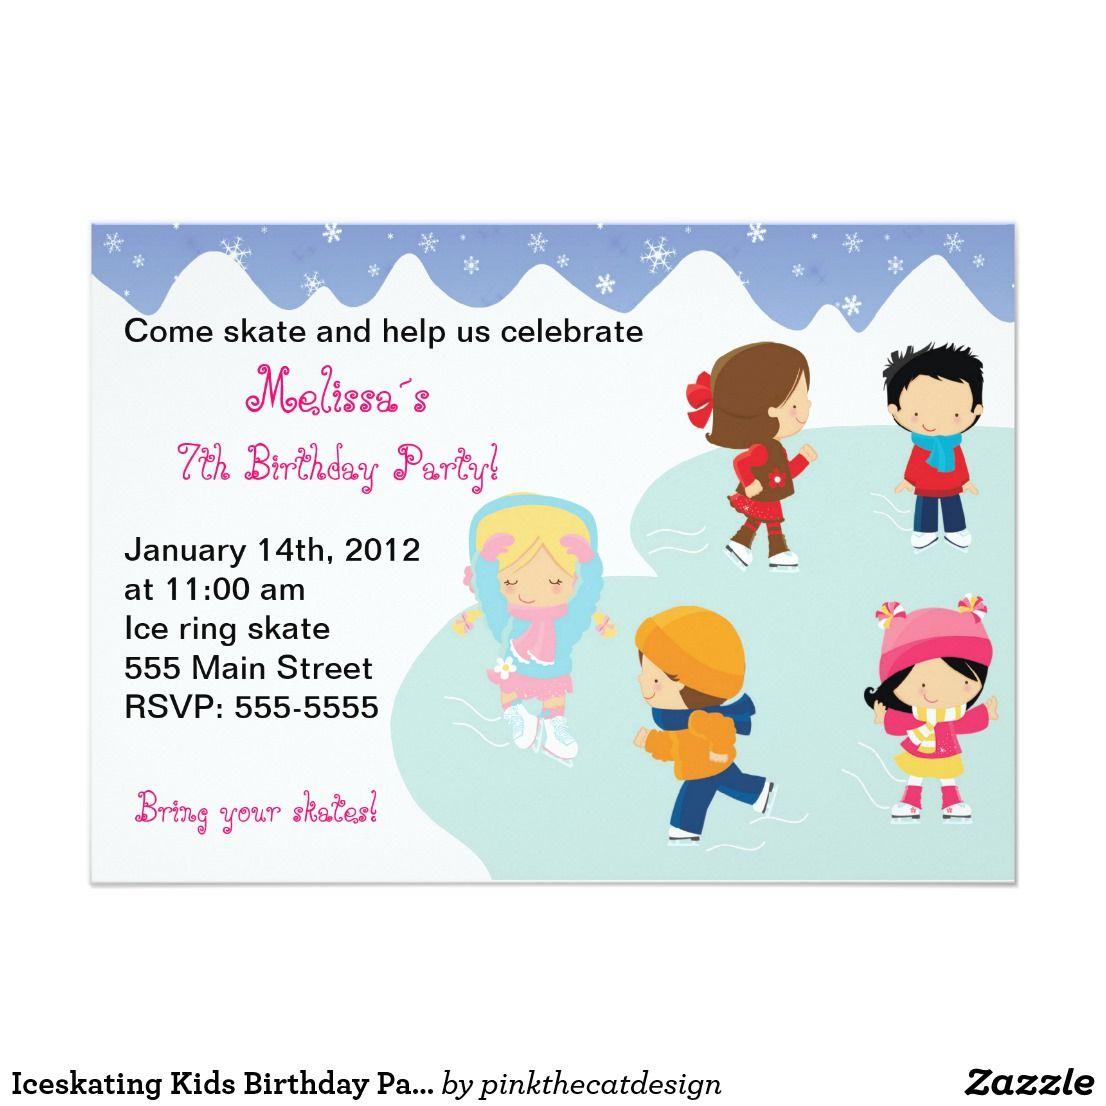 Iceskating Kids Birthday Party Invitations | Kids birthday party ...